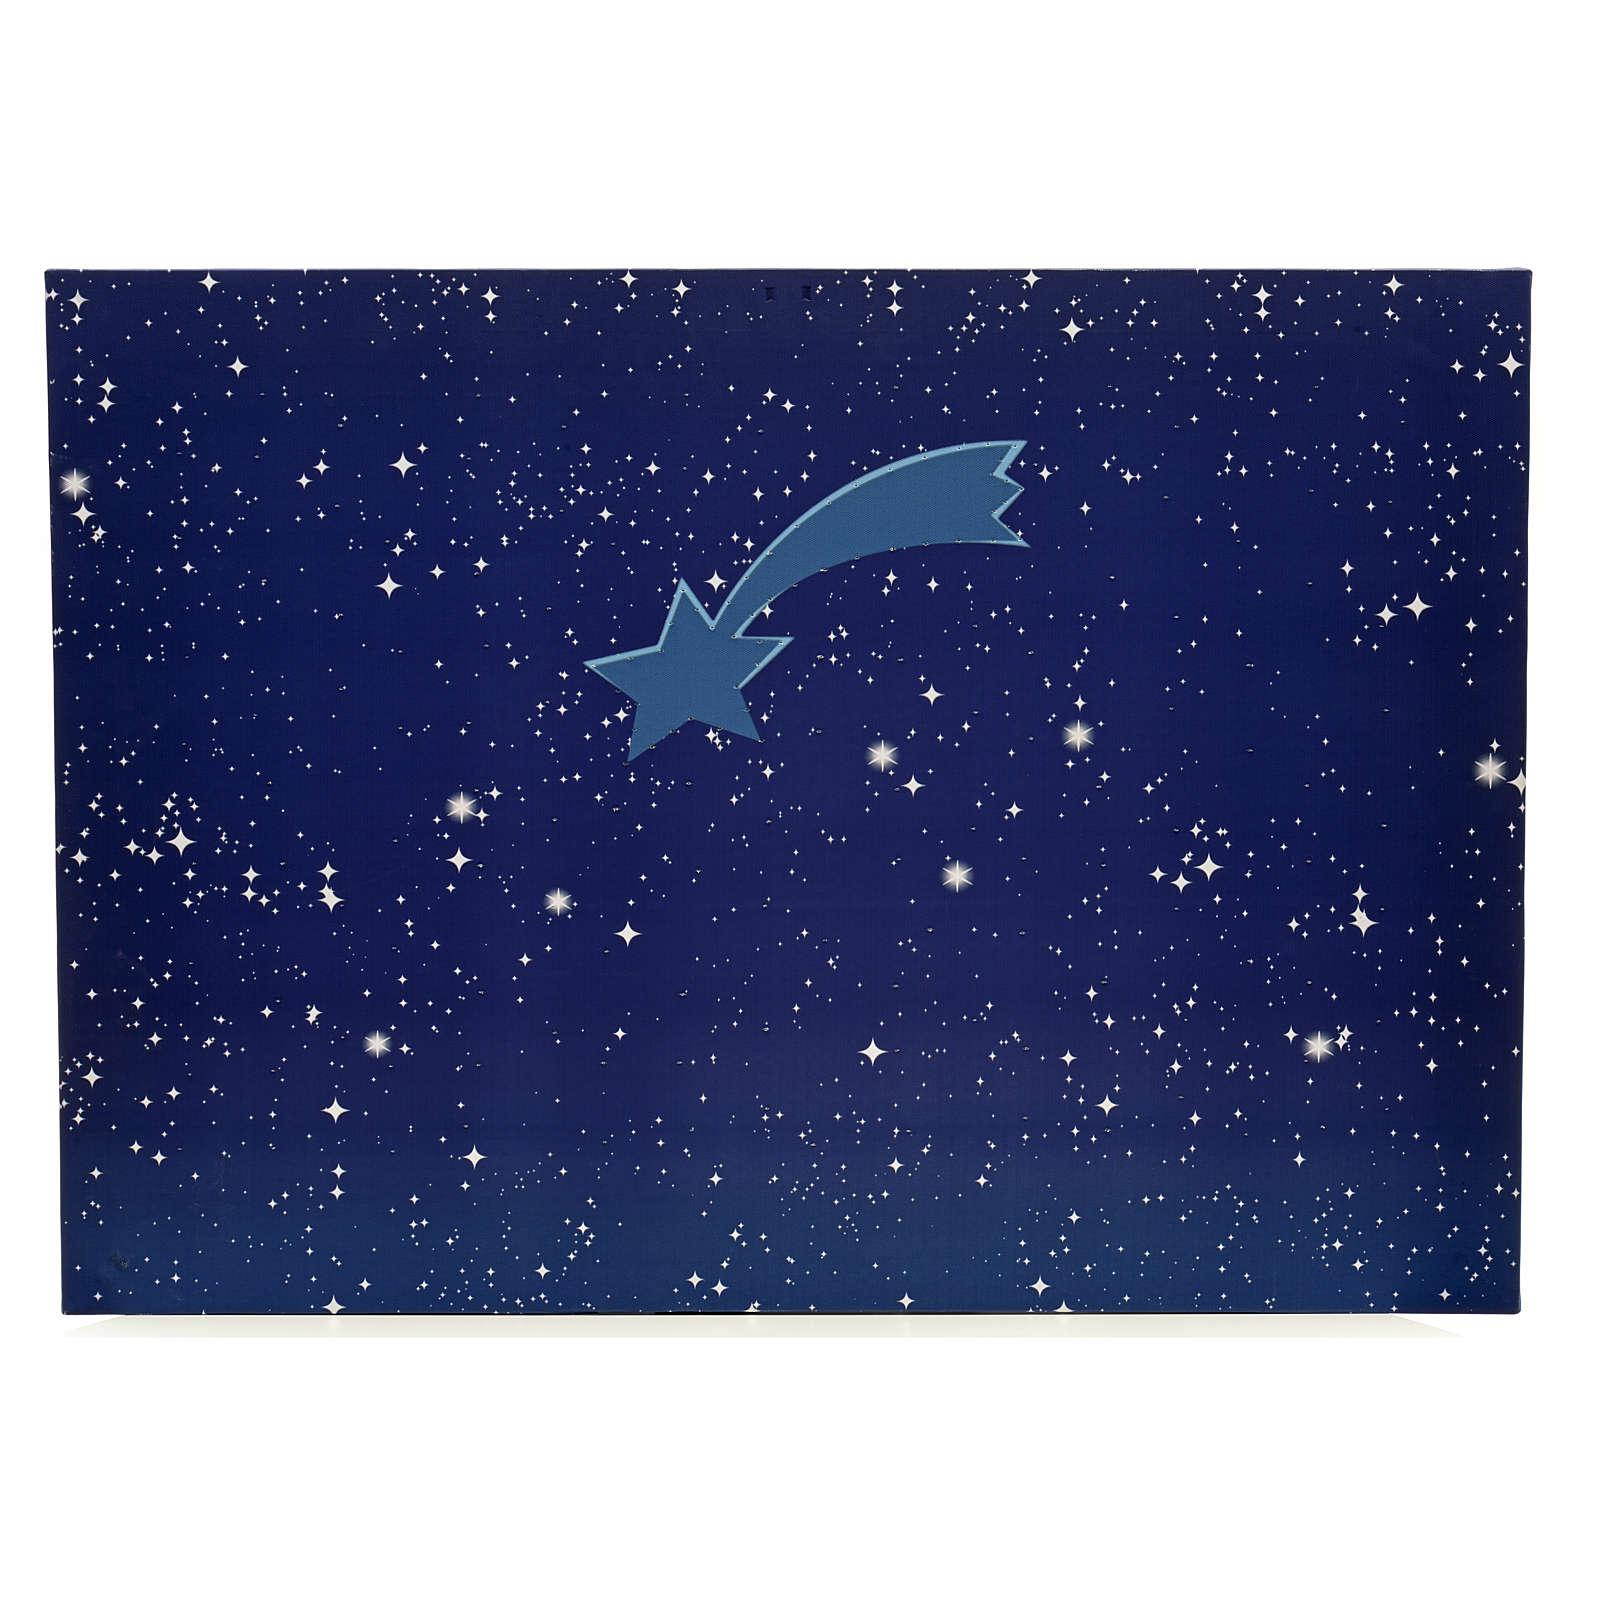 Cielo luminoso pesebre con estrellas y cometa 50x70 4